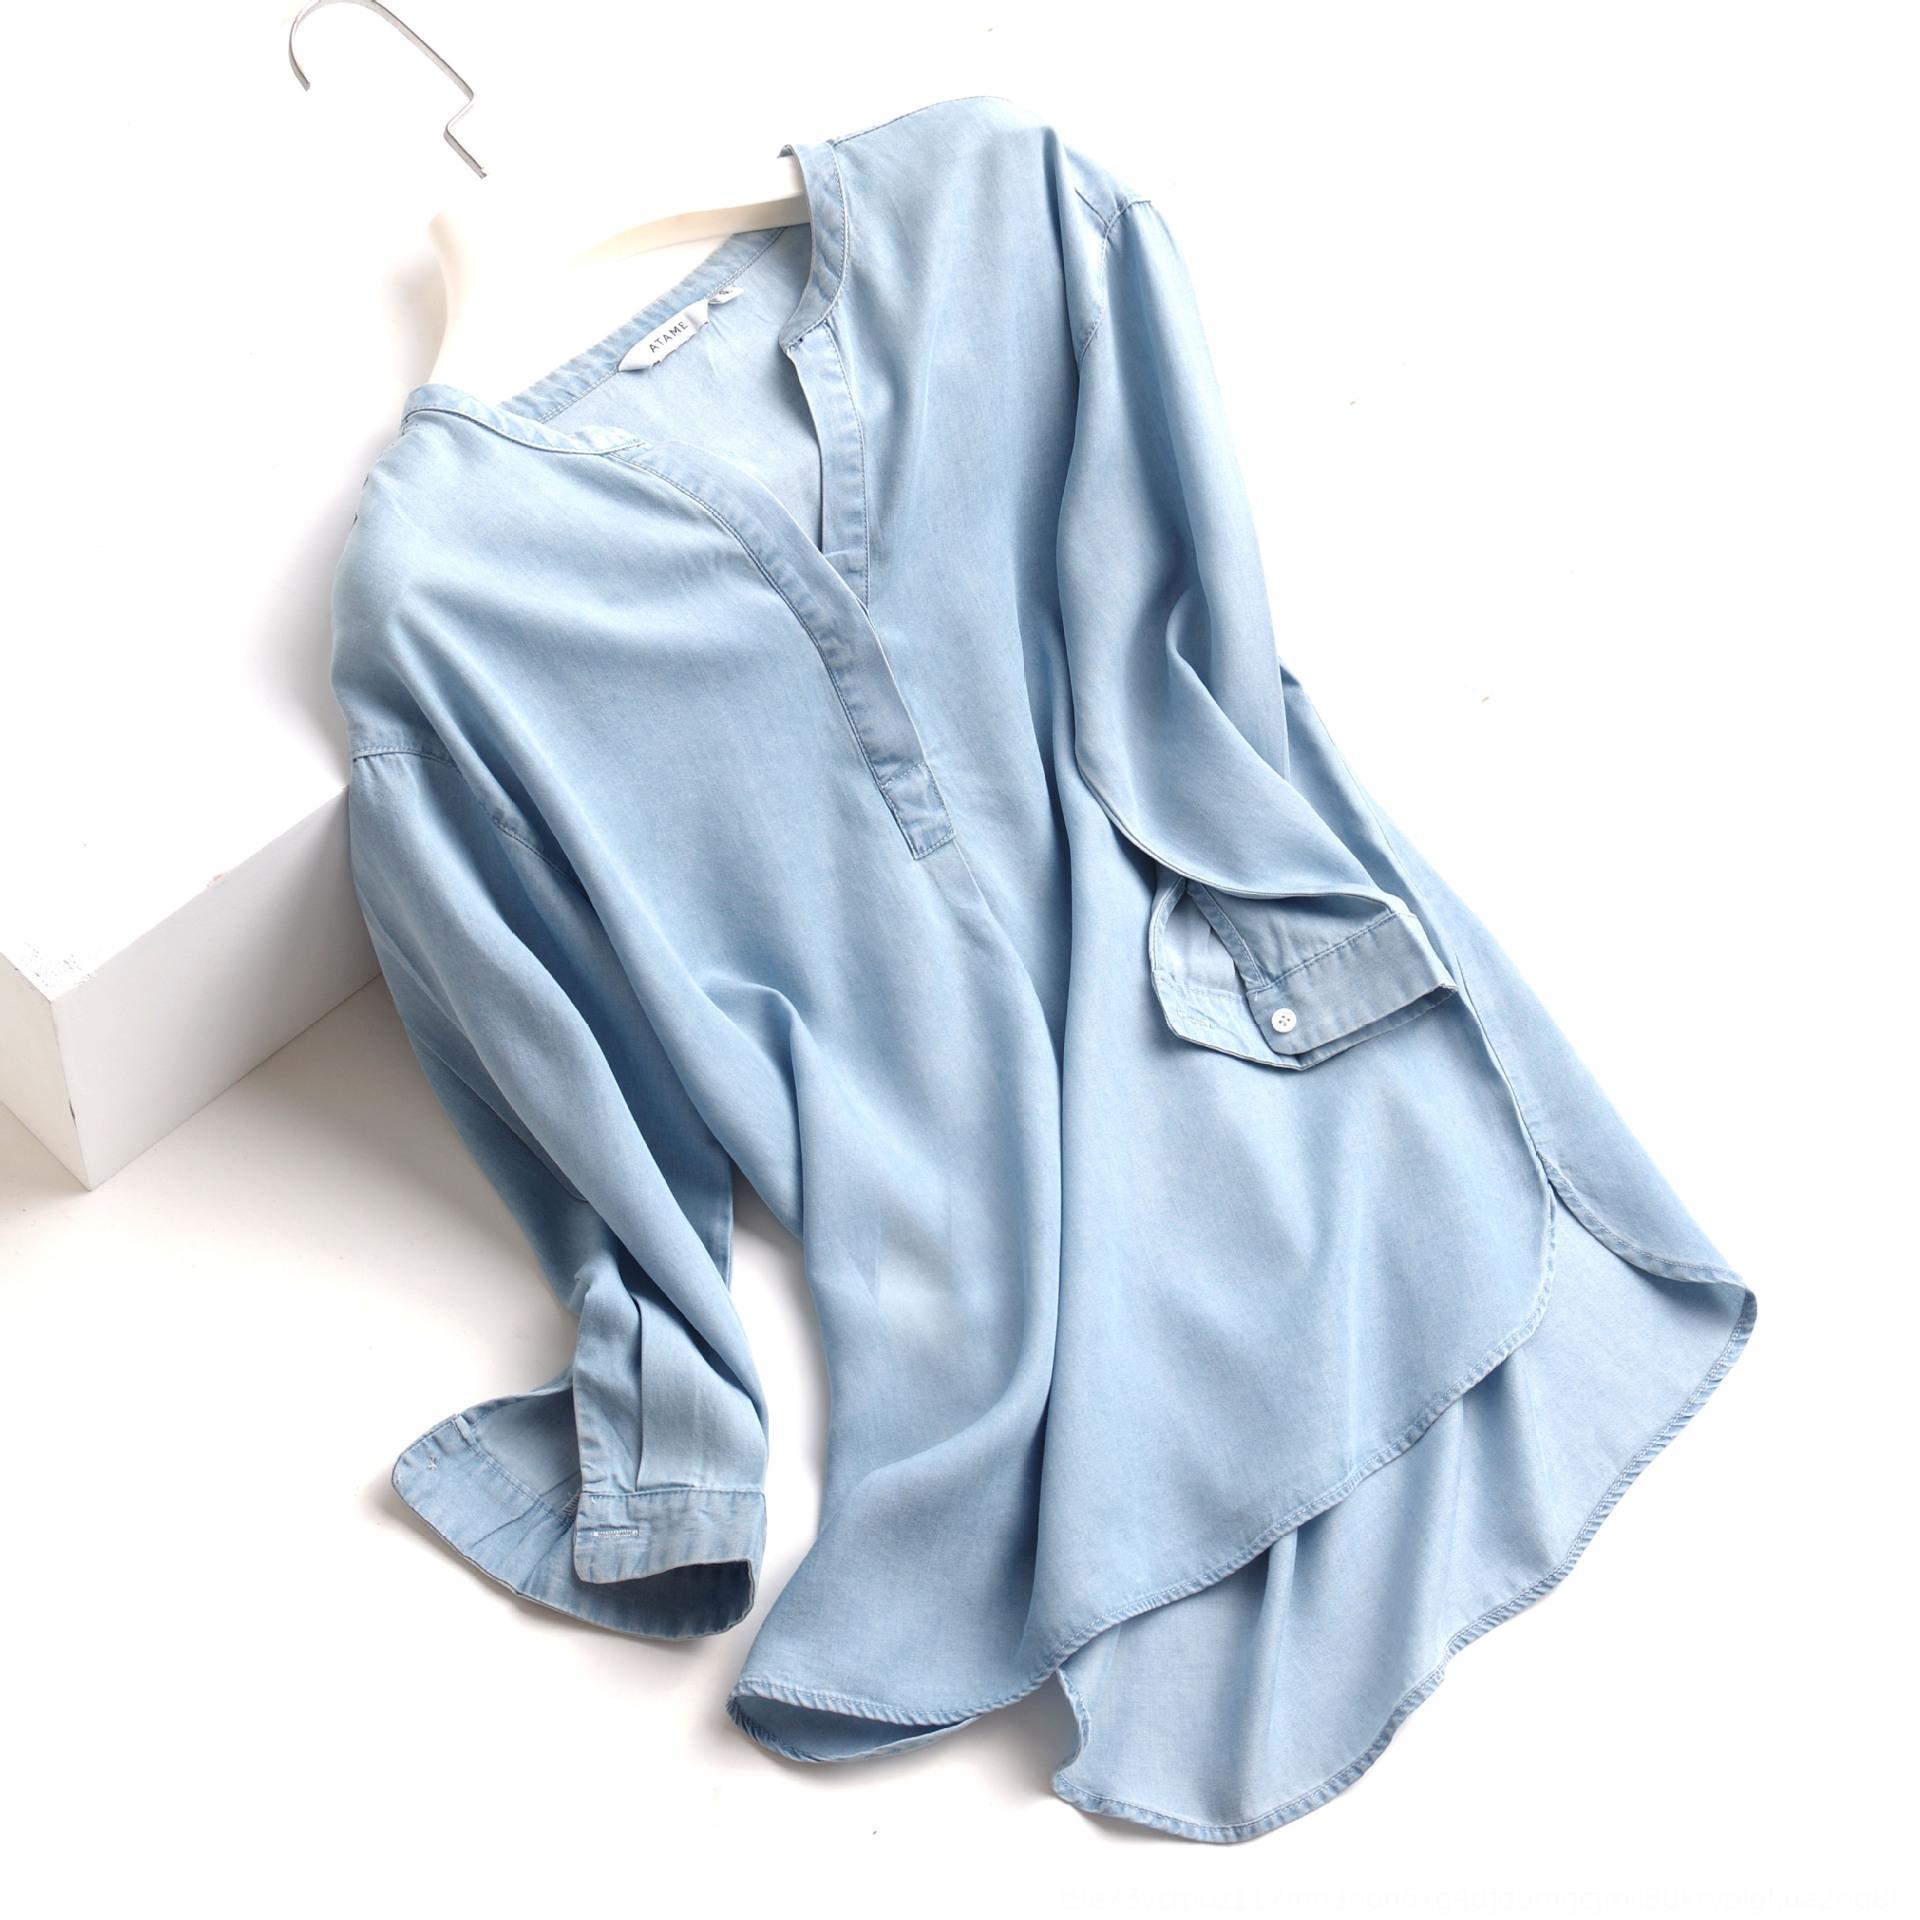 estate nuovo stile coreano delle donne all-parte superiore di corrispondenza camicia dimagrante anti-rughe con scollo a V della camicia denim sottile Tencel